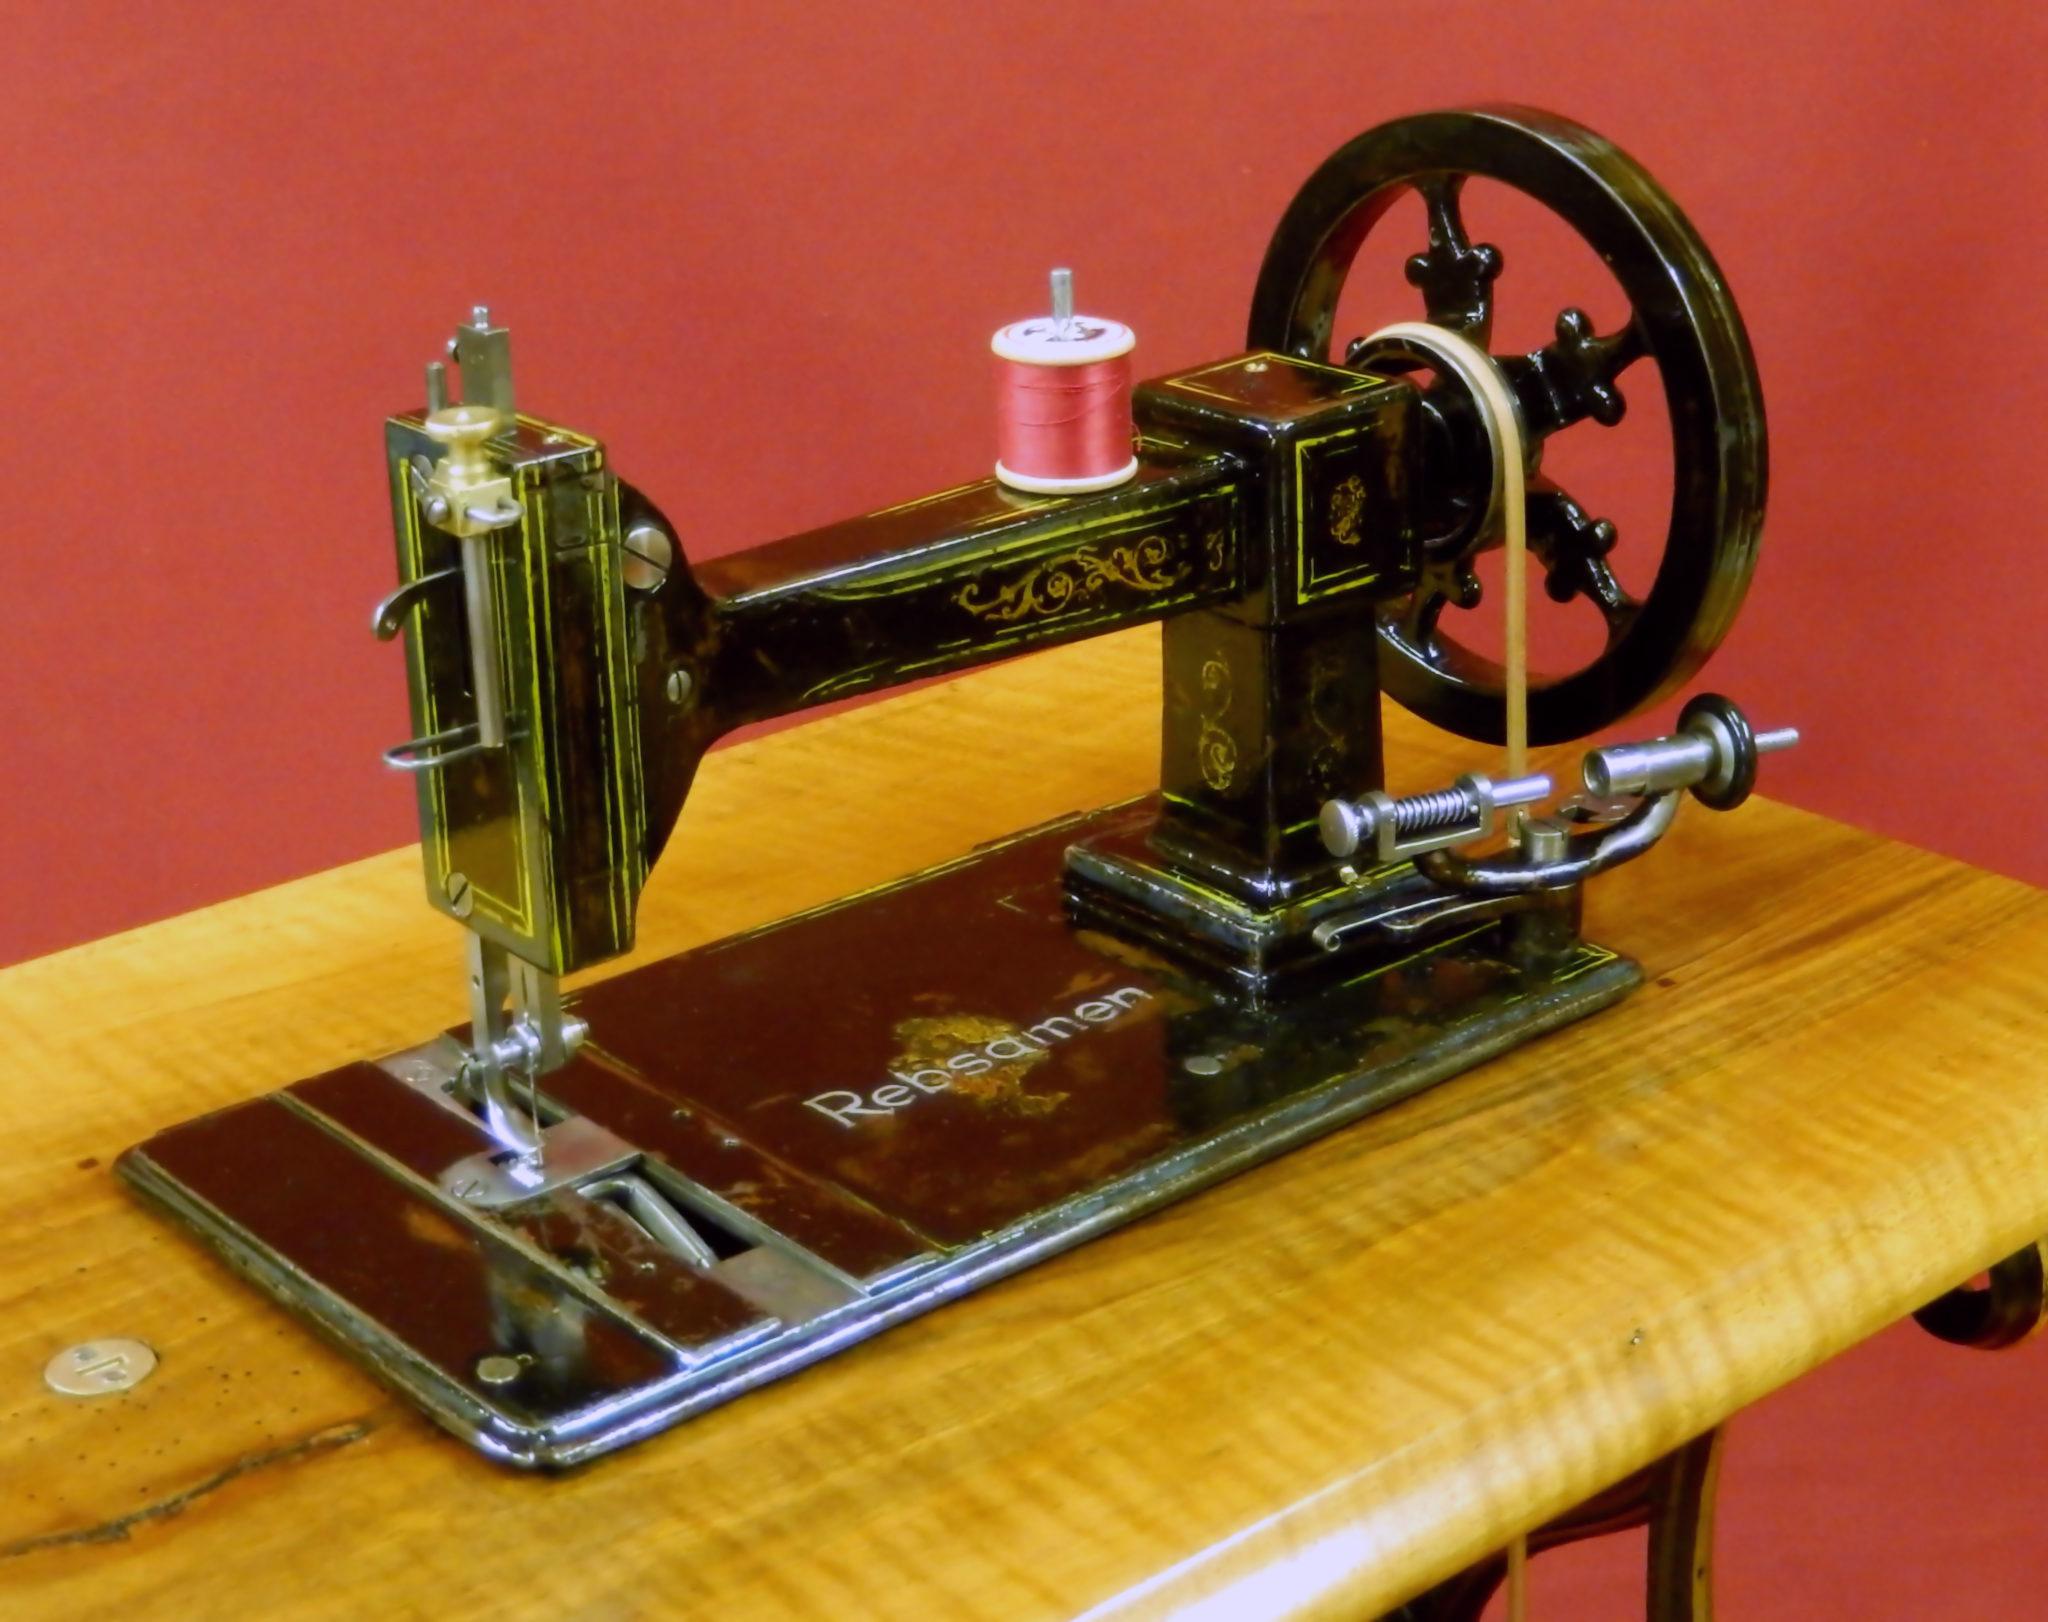 Die älteste Nähmaschine aus Schweizer Produktion. Hergestellt im Jahr 1864, jetzt restauriert im Museum.